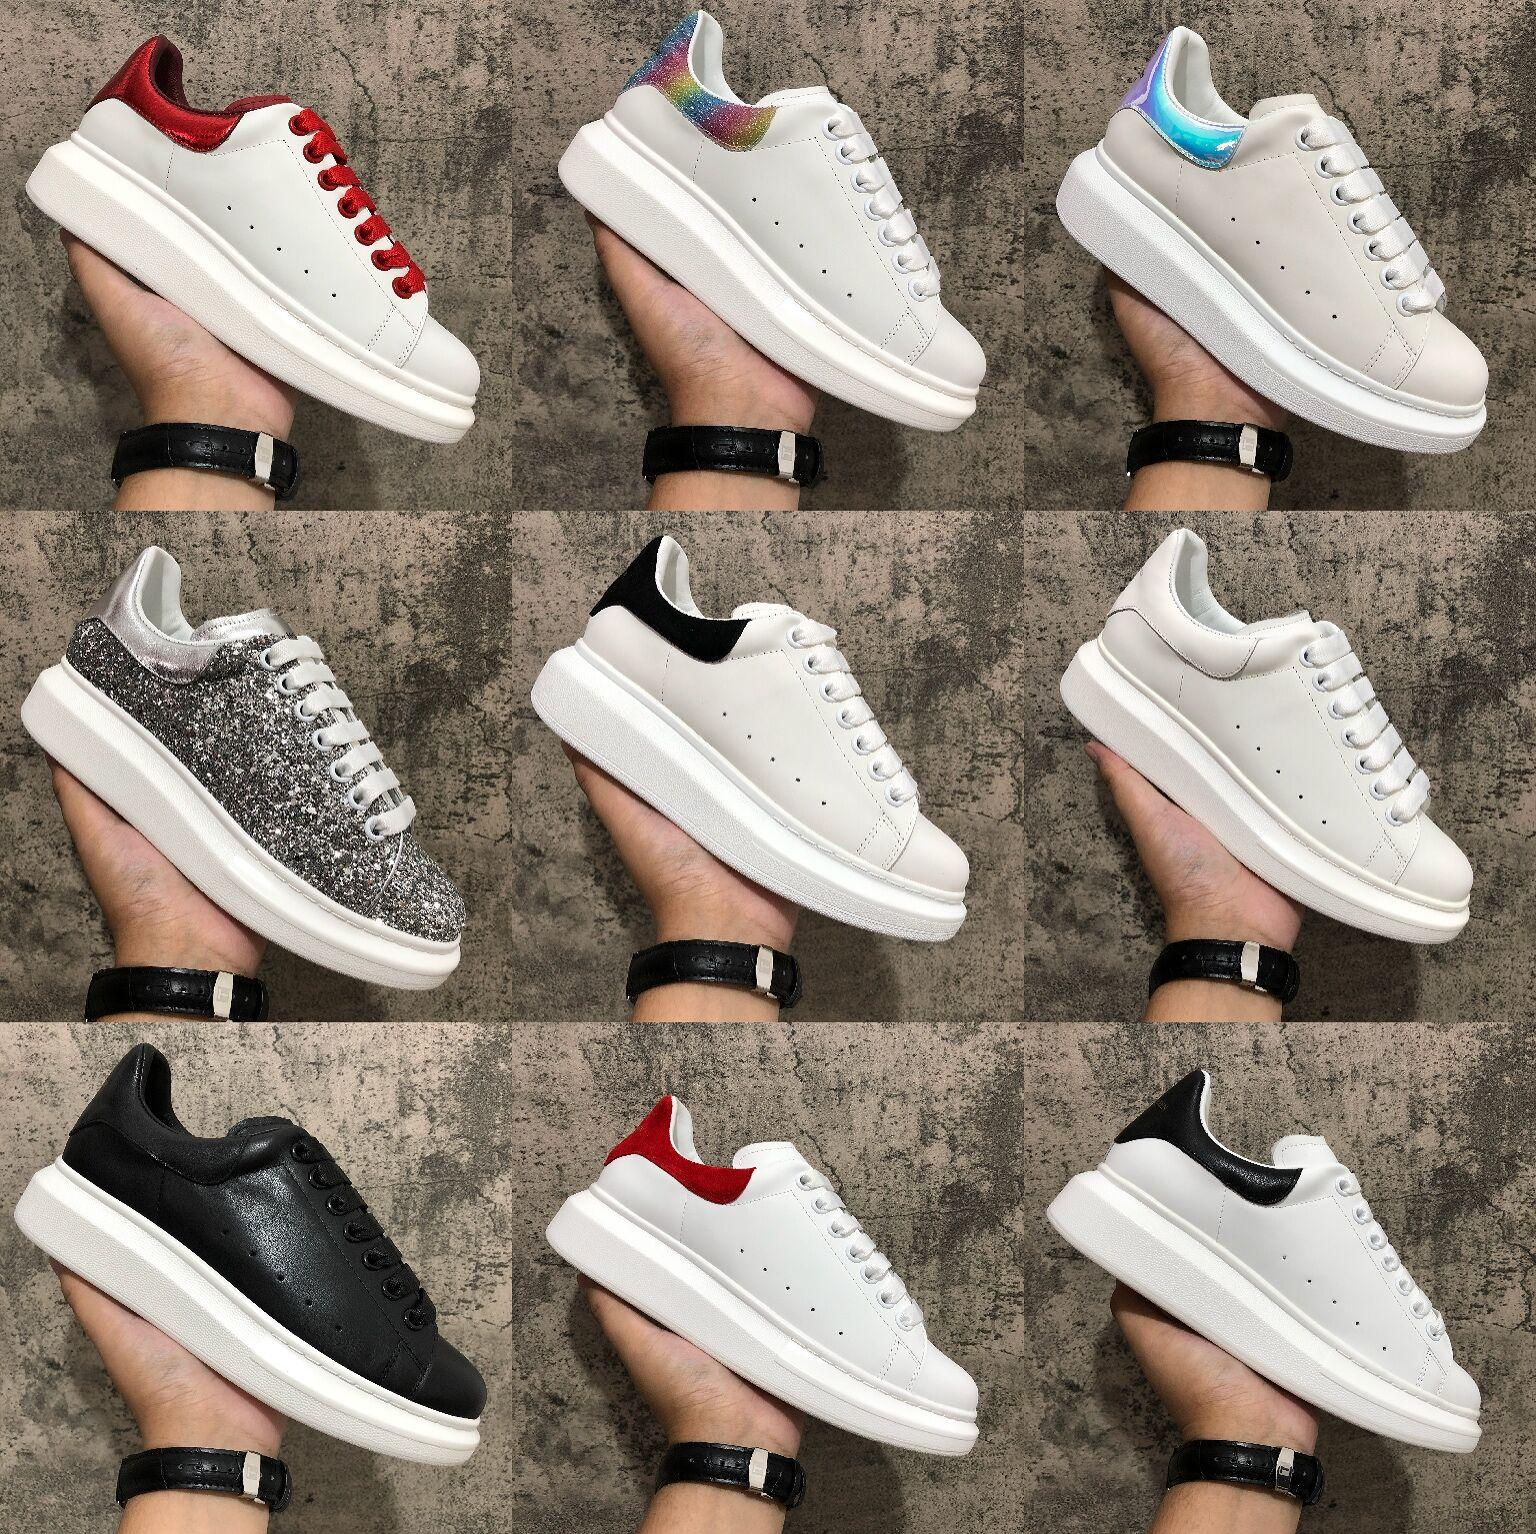 2020 zapatos para hombres Mujeres Plataforma de moda Zapatillas de deporte Triple Negro Blanco Cuero Suede Para hombre Cómodo Plano Piso Zapato